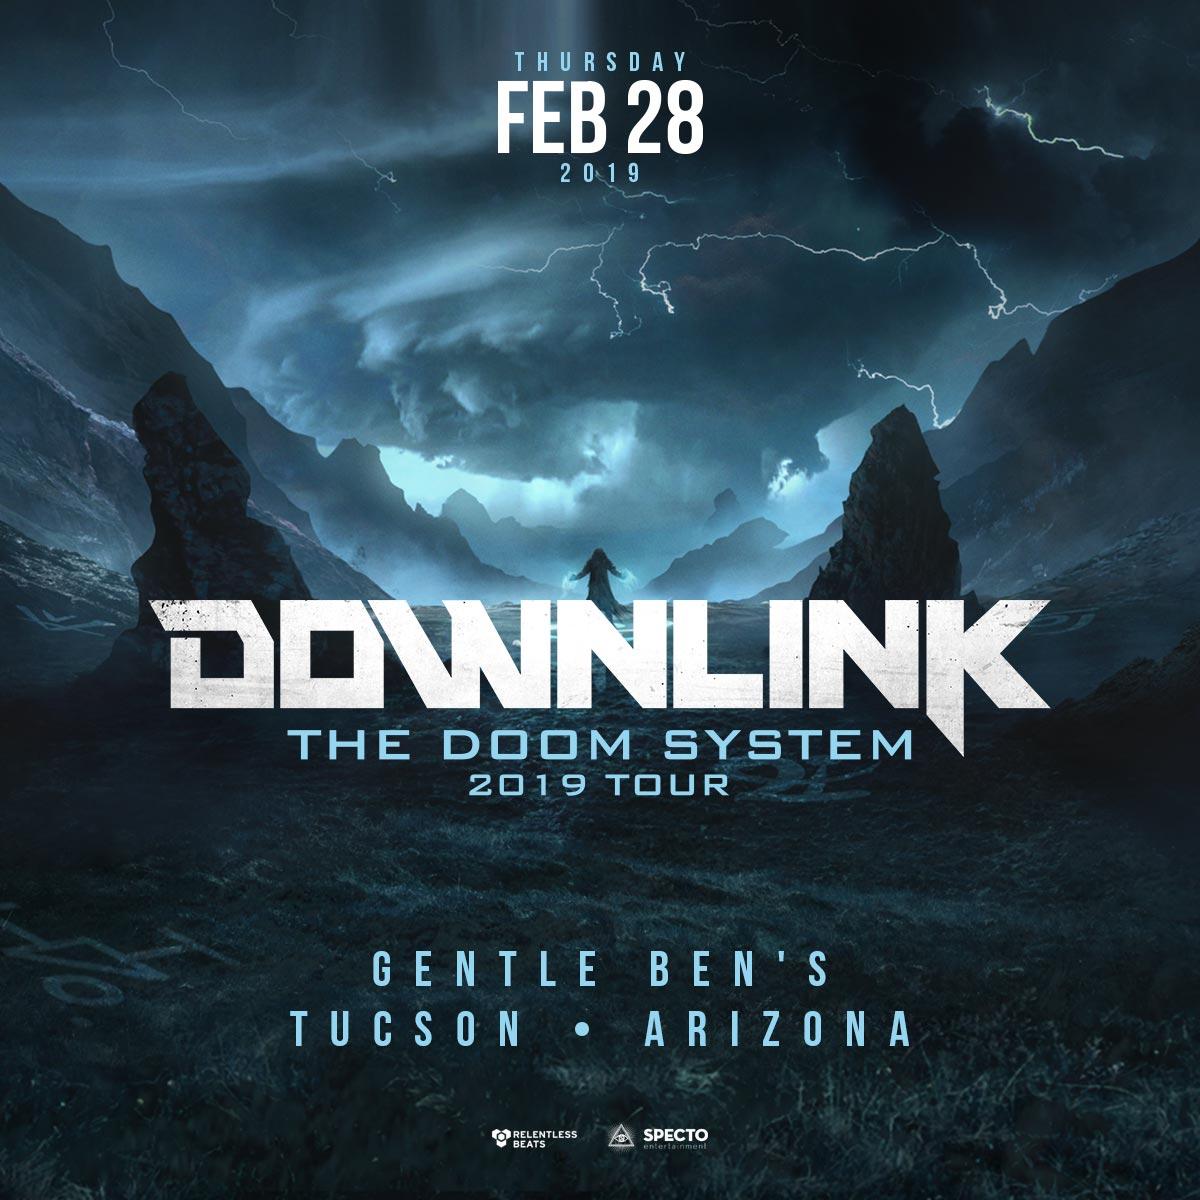 Flyer for Downlink